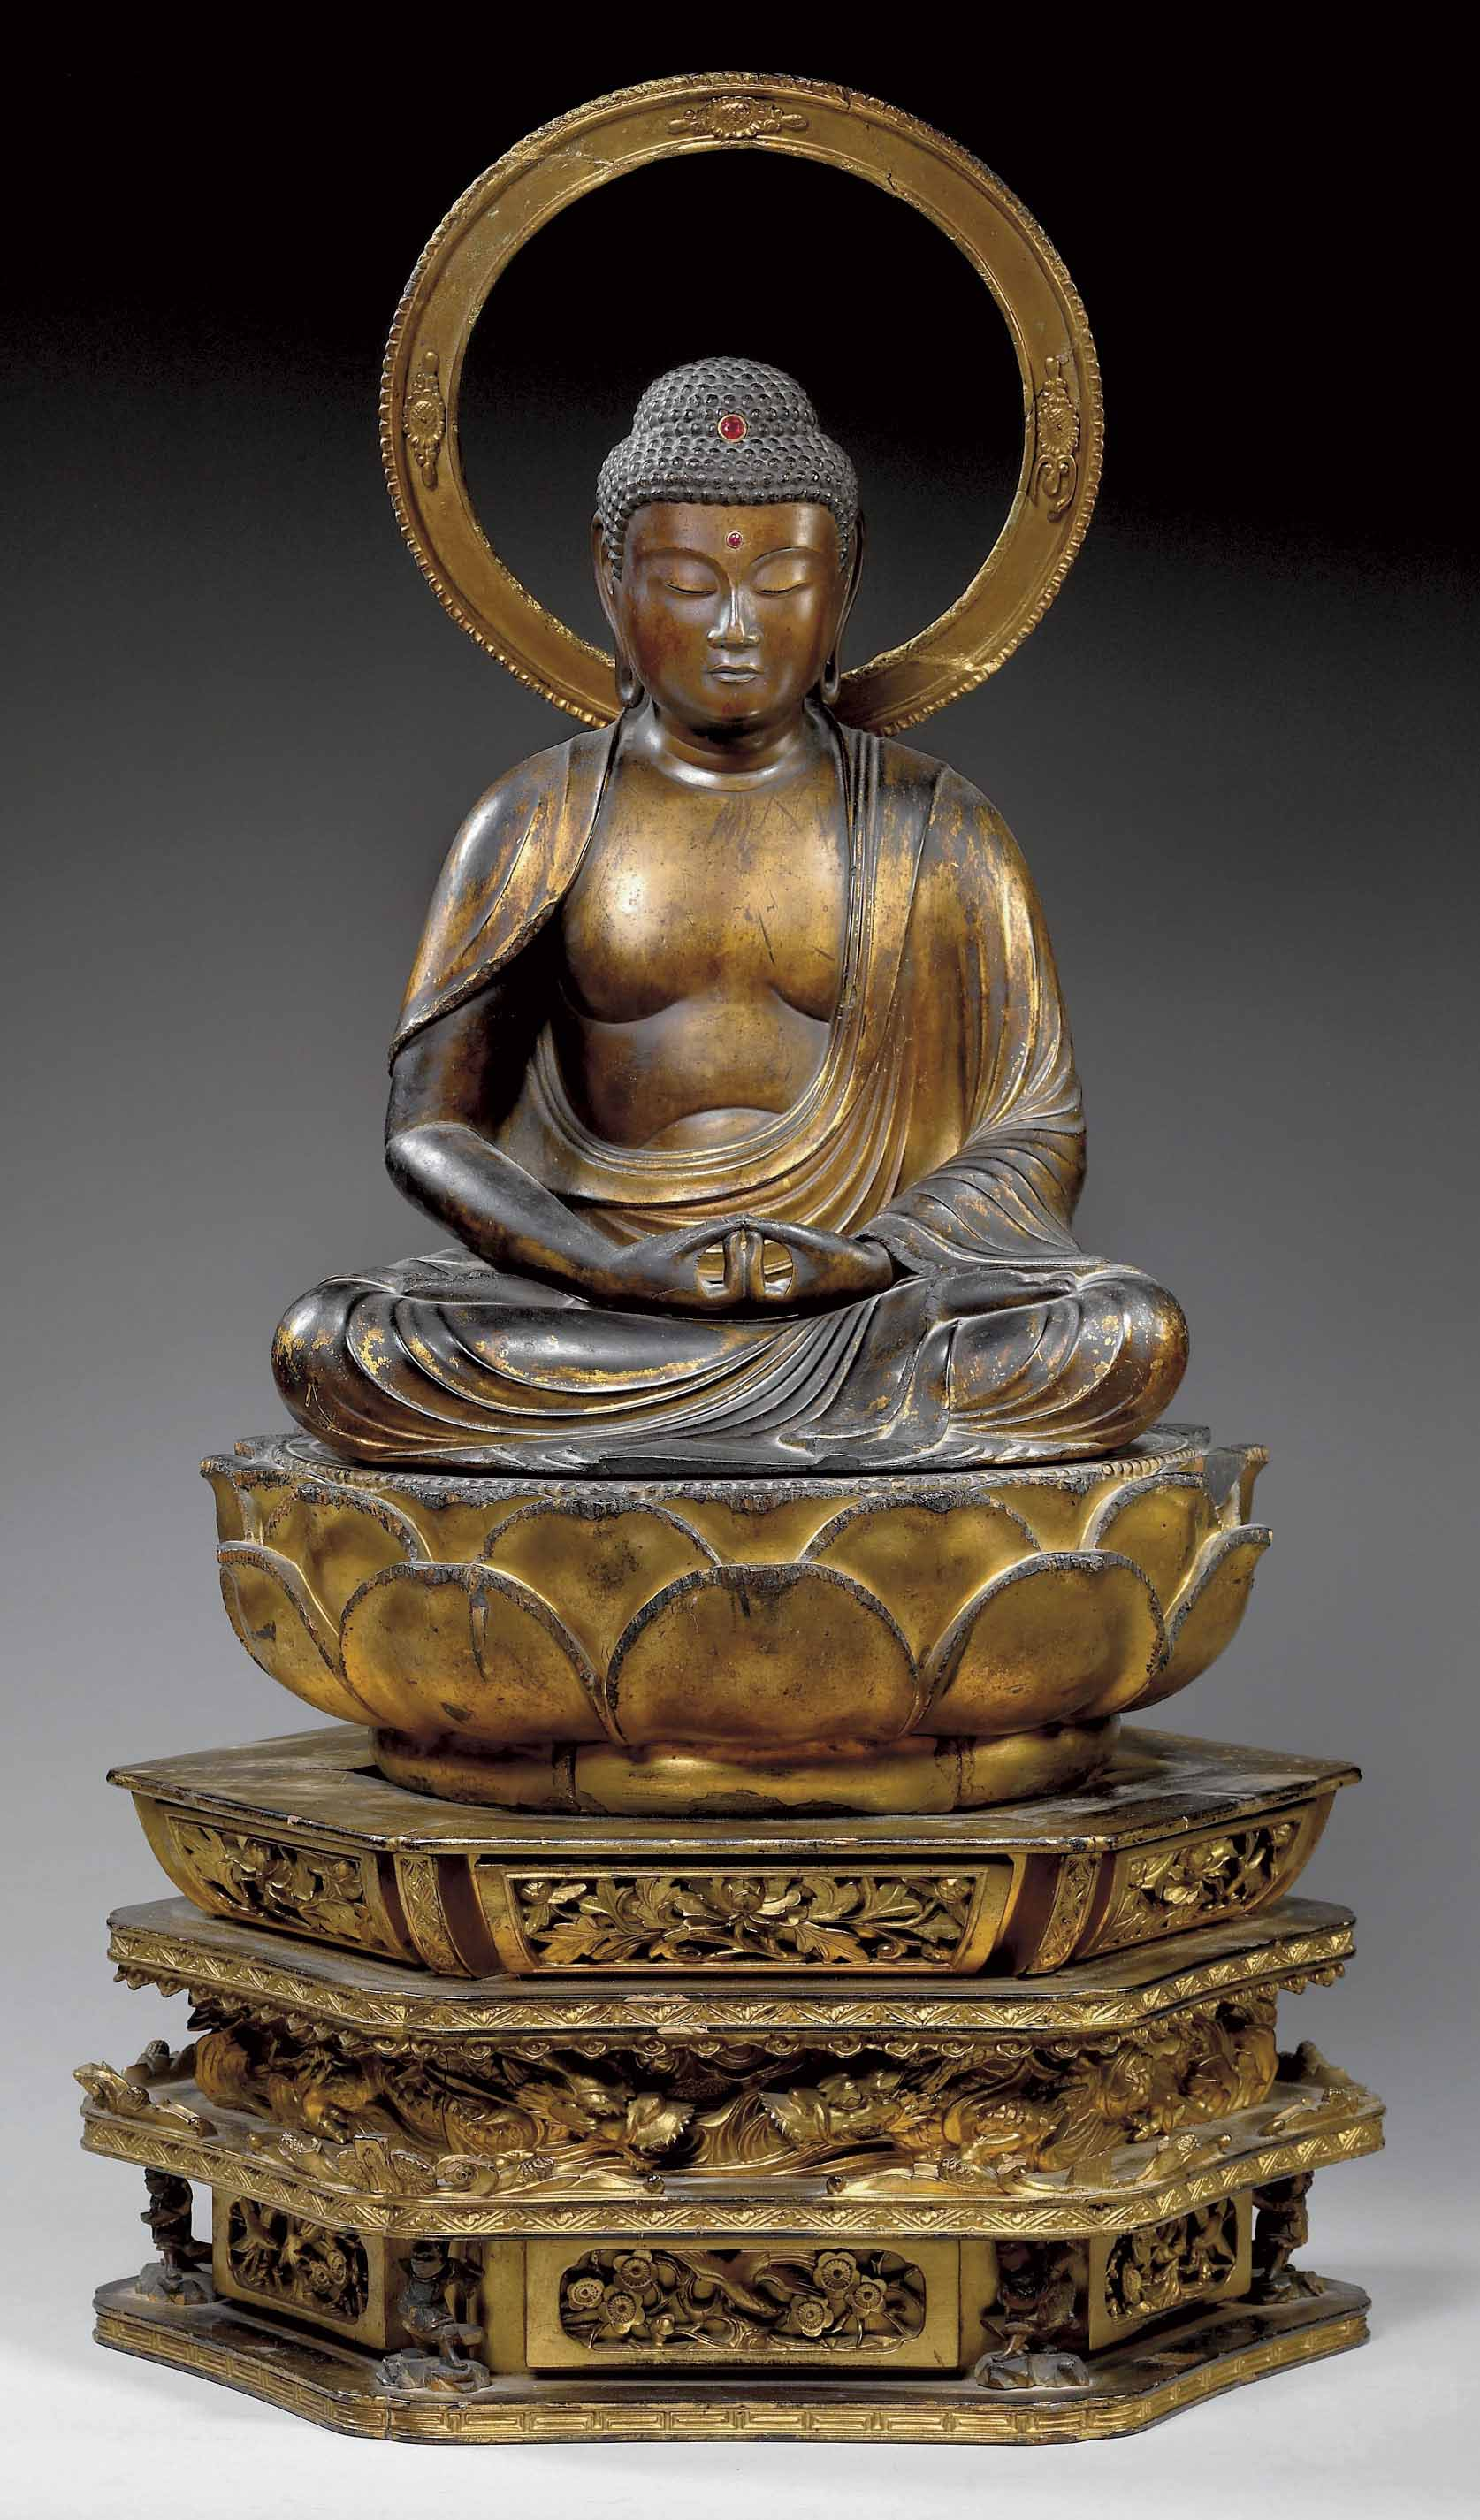 statue de bouddha amida en bois laque japon epoque edo 1615 1868 christie 39 s. Black Bedroom Furniture Sets. Home Design Ideas